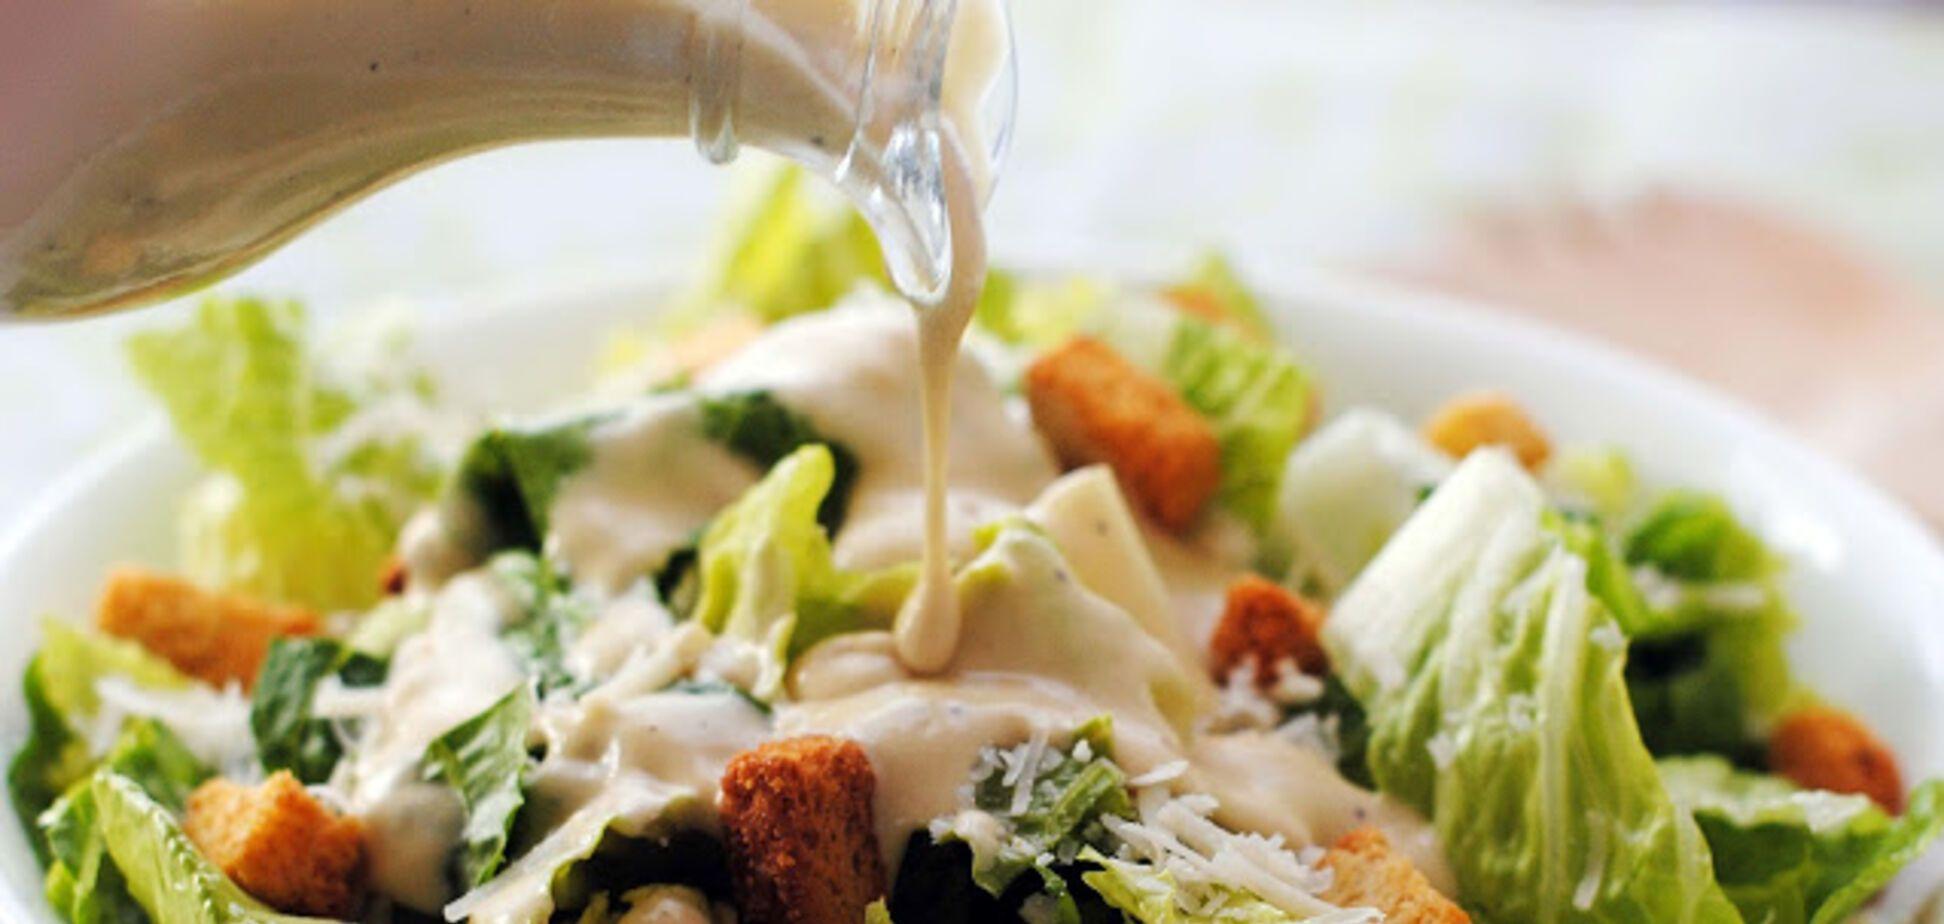 Самый вкусный 'Цезарь': как приготовить салат правильно